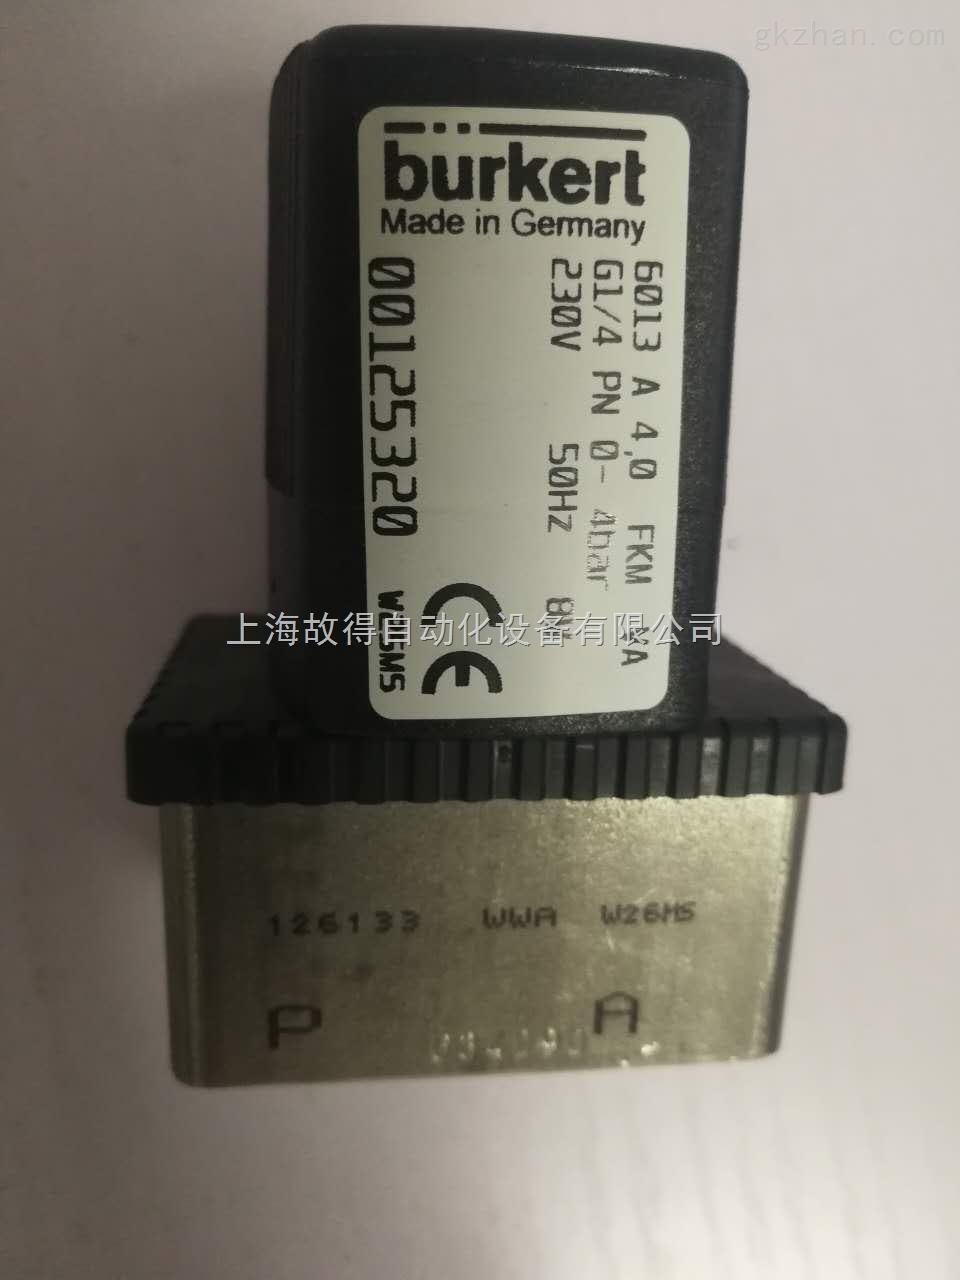 burkert6013电磁阀有哪些订货号